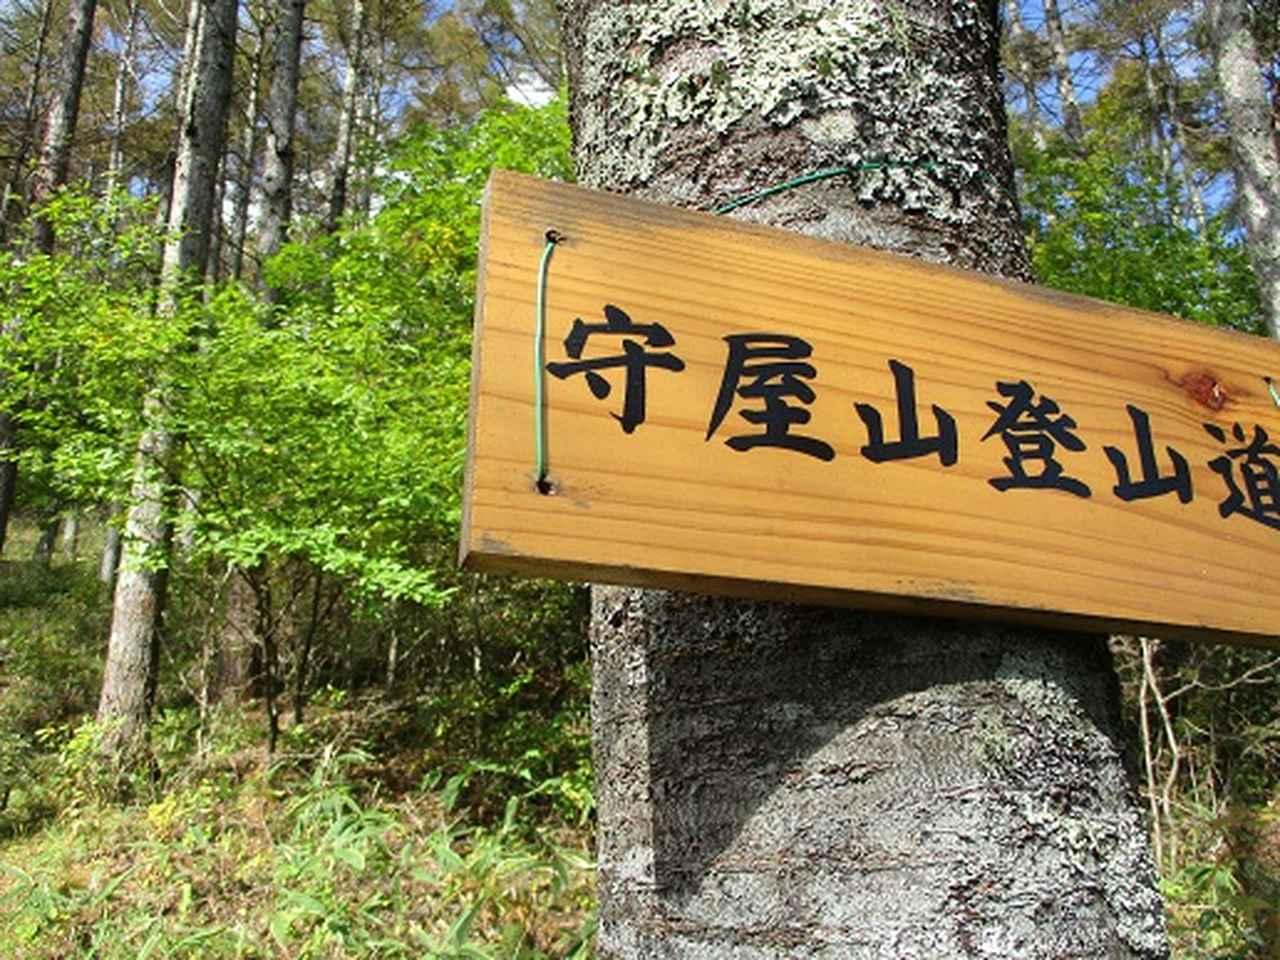 画像1: 【山旅会・登山ガイドこだわりツアー】岡田ガイドからの便り守屋山ツアーにいってまいりました!